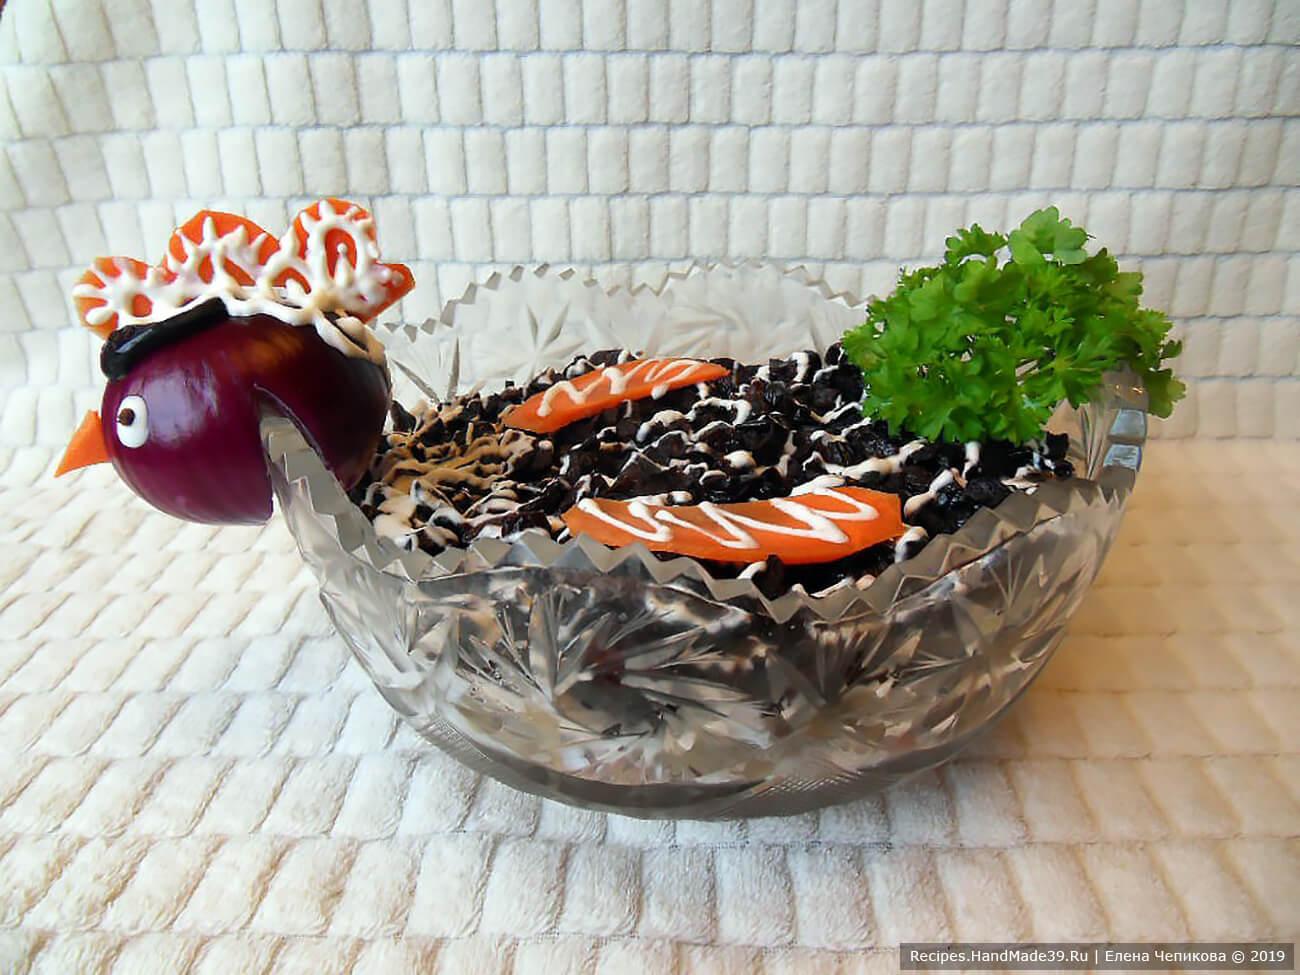 Салат «Чёрная курица» с грибами и черносливом готов, приятного аппетита!